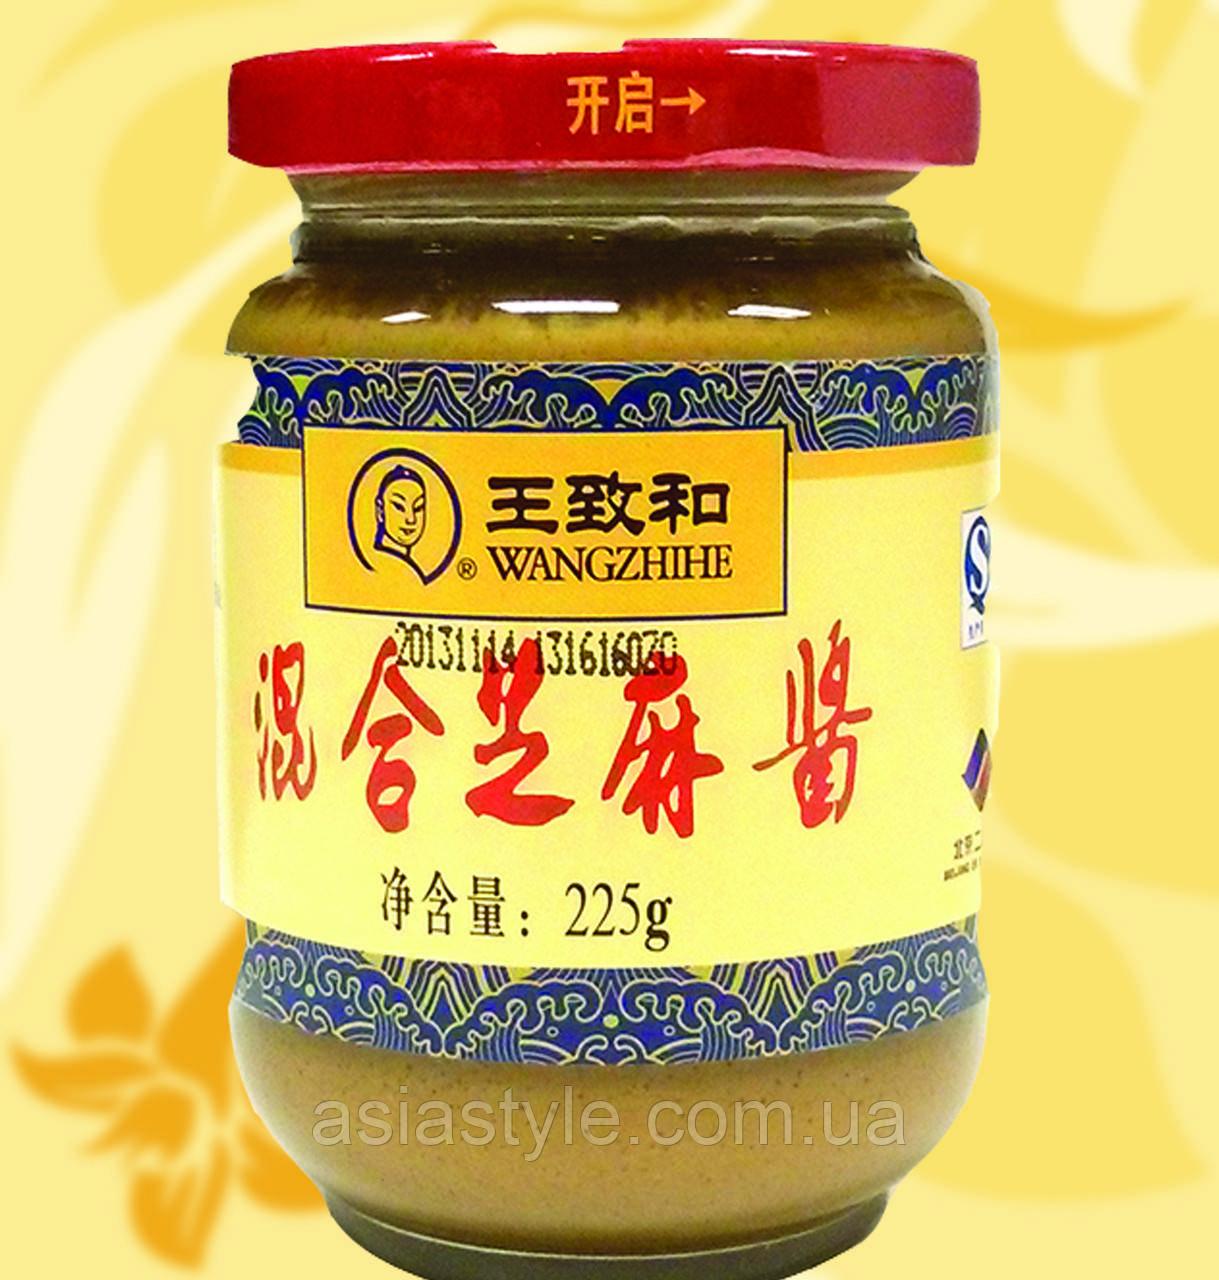 Паста кунжутна, Wangzhihe, 225г, Ч